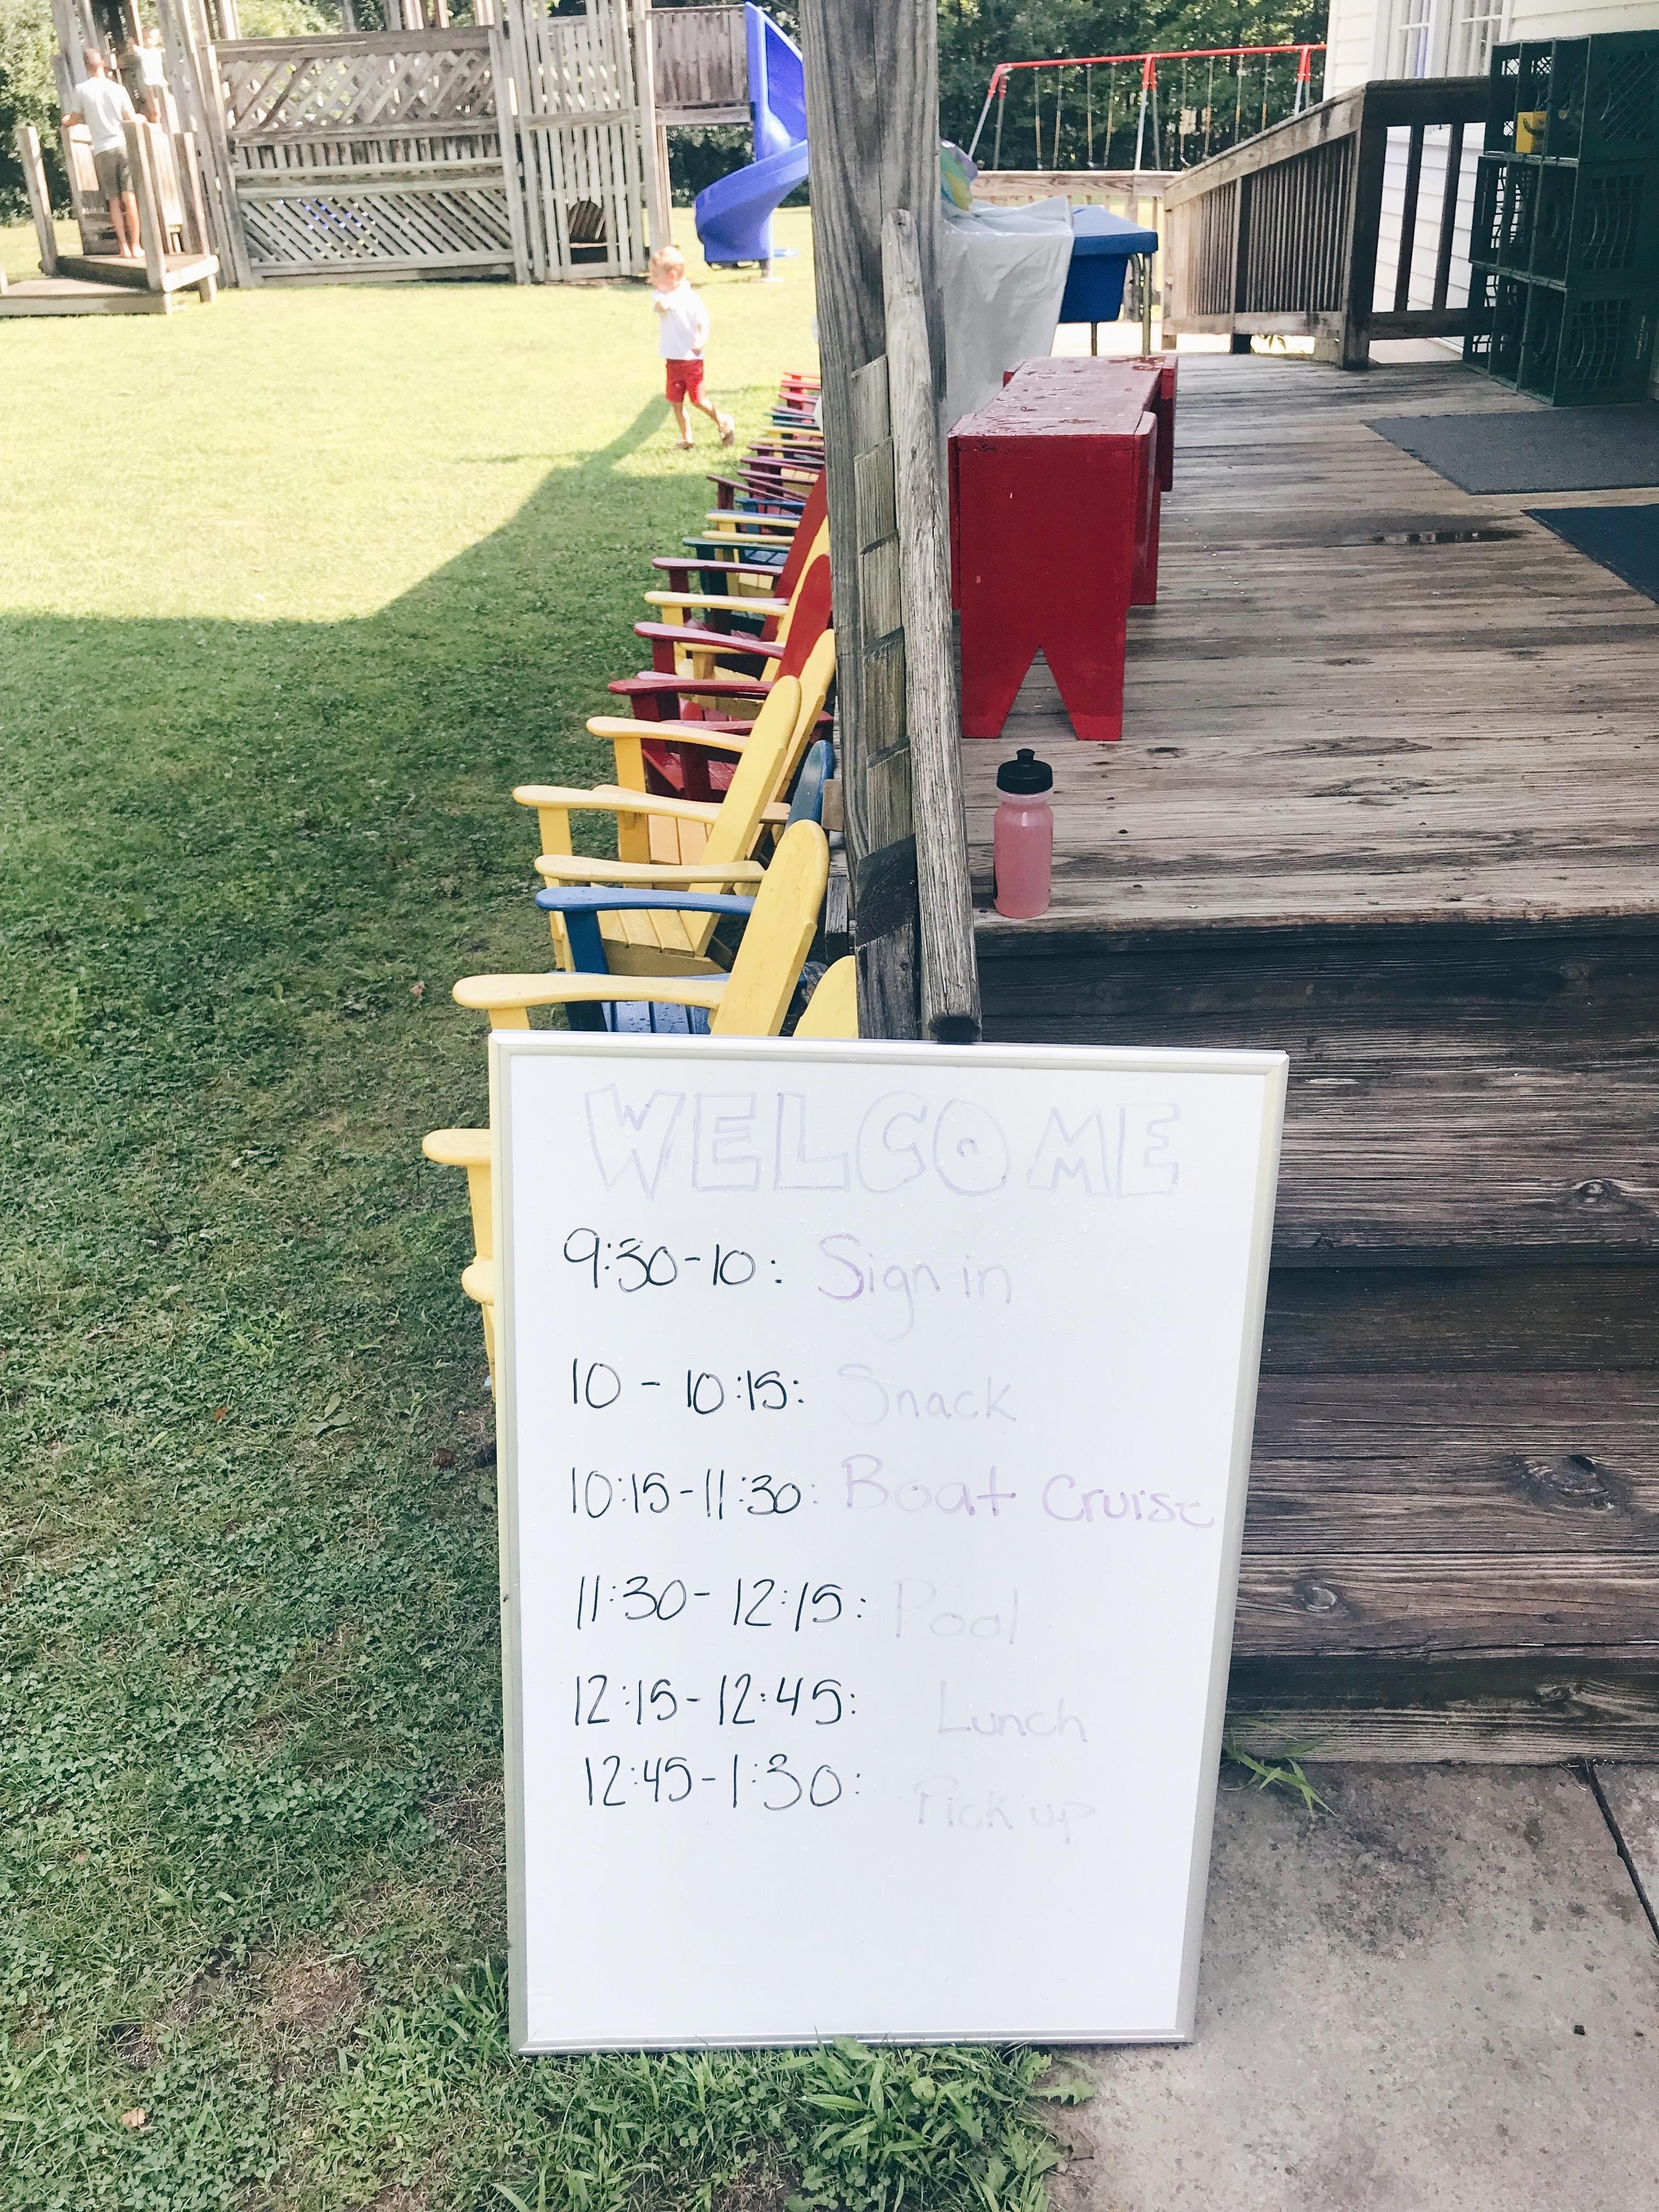 Basin Harbor Resort Review - Kids Camp Schedule